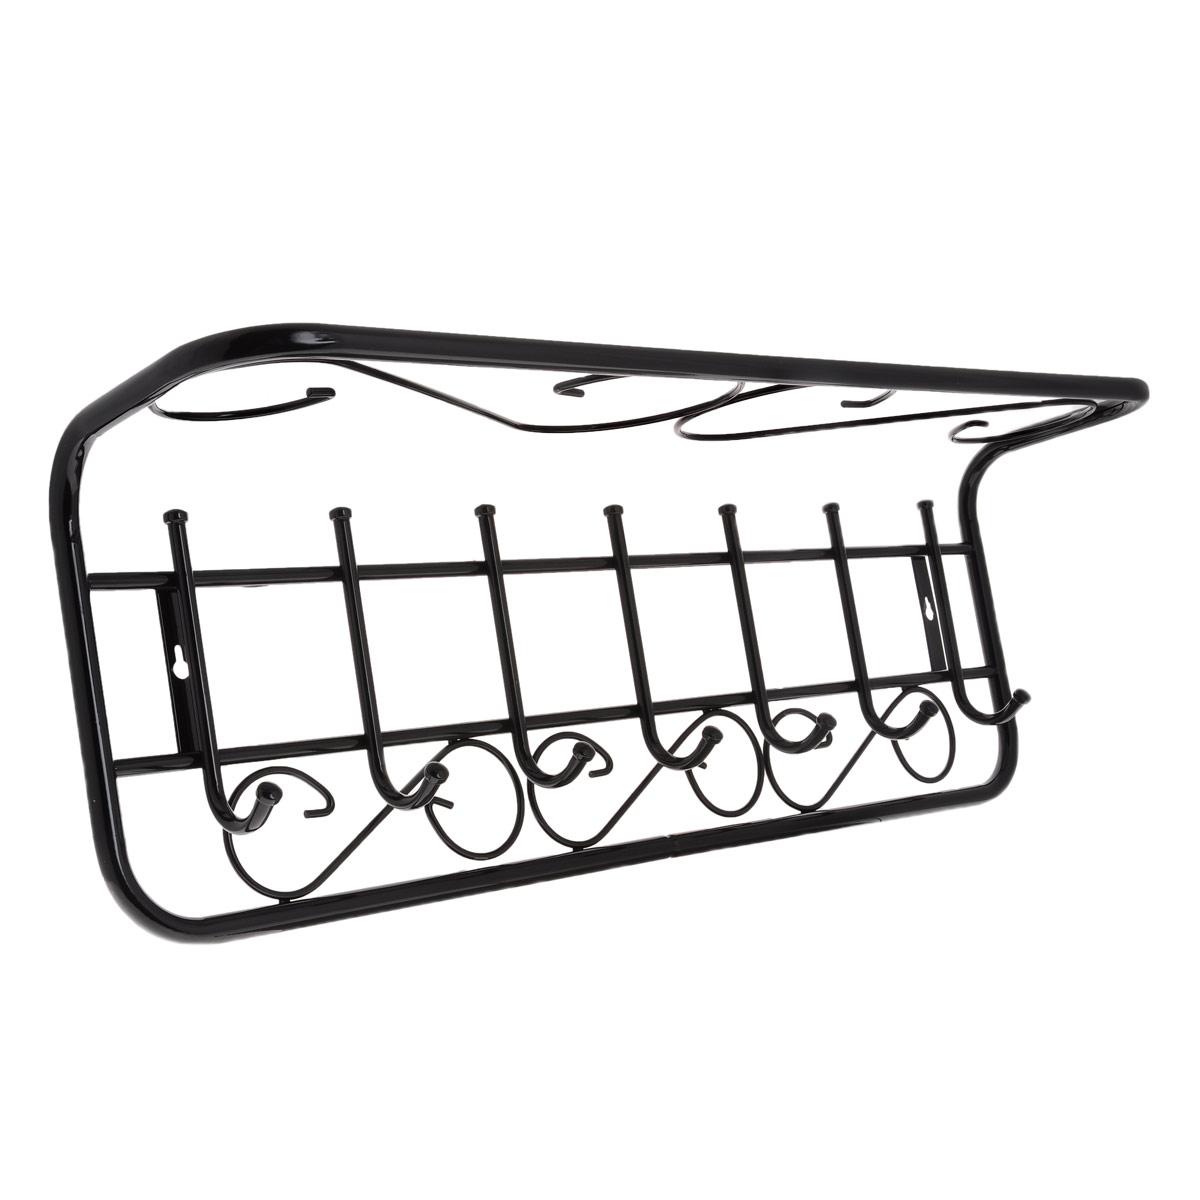 Вешалка настенная ЗМИ Ажур, с полкой, 7 крючковМ 2863Металлическая вешалка с полимерным покрытием ЗМИ Ажур оснащена семью крючками дляодежды и полкой, на которую можно положить головные уборы или другие аксессуары. Крепится к стене при помощи двух шурупов (не входят в комплект). Вешалка ЗМИ Ажур идеально подходит для маленьких прихожих и ограниченных пространств.